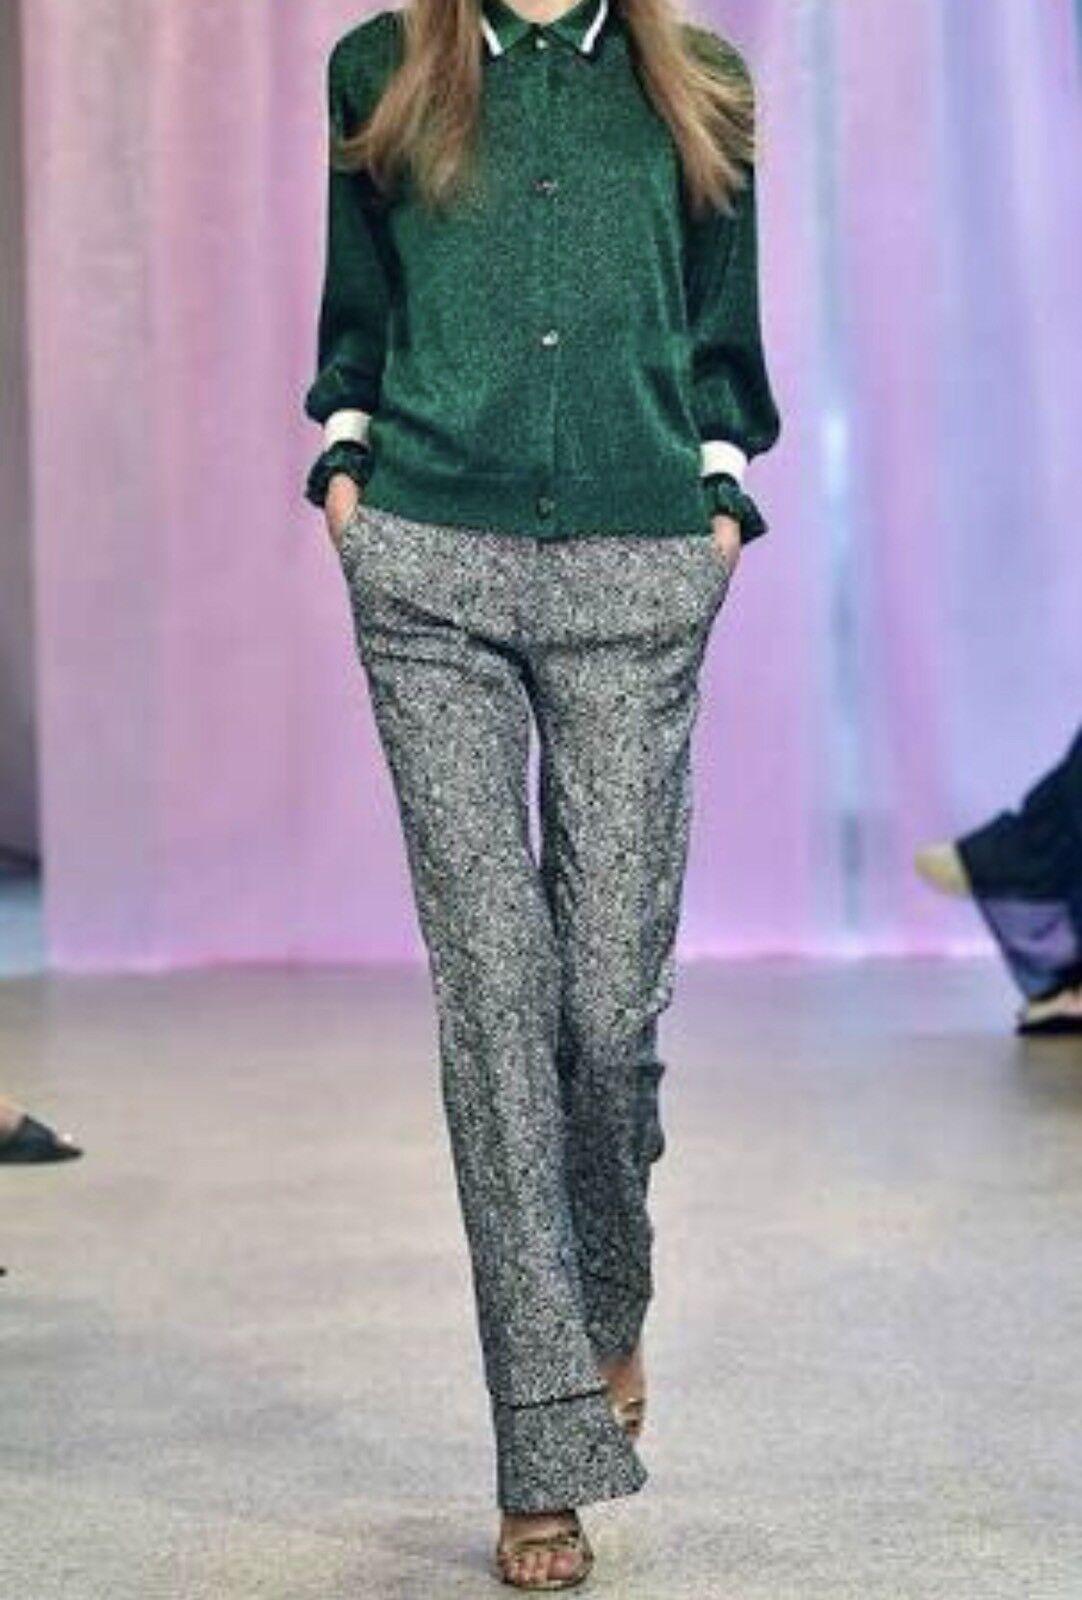 Baum und pferdgarten christie Cardigan Knit Top Jumper Metallic Emerald Green